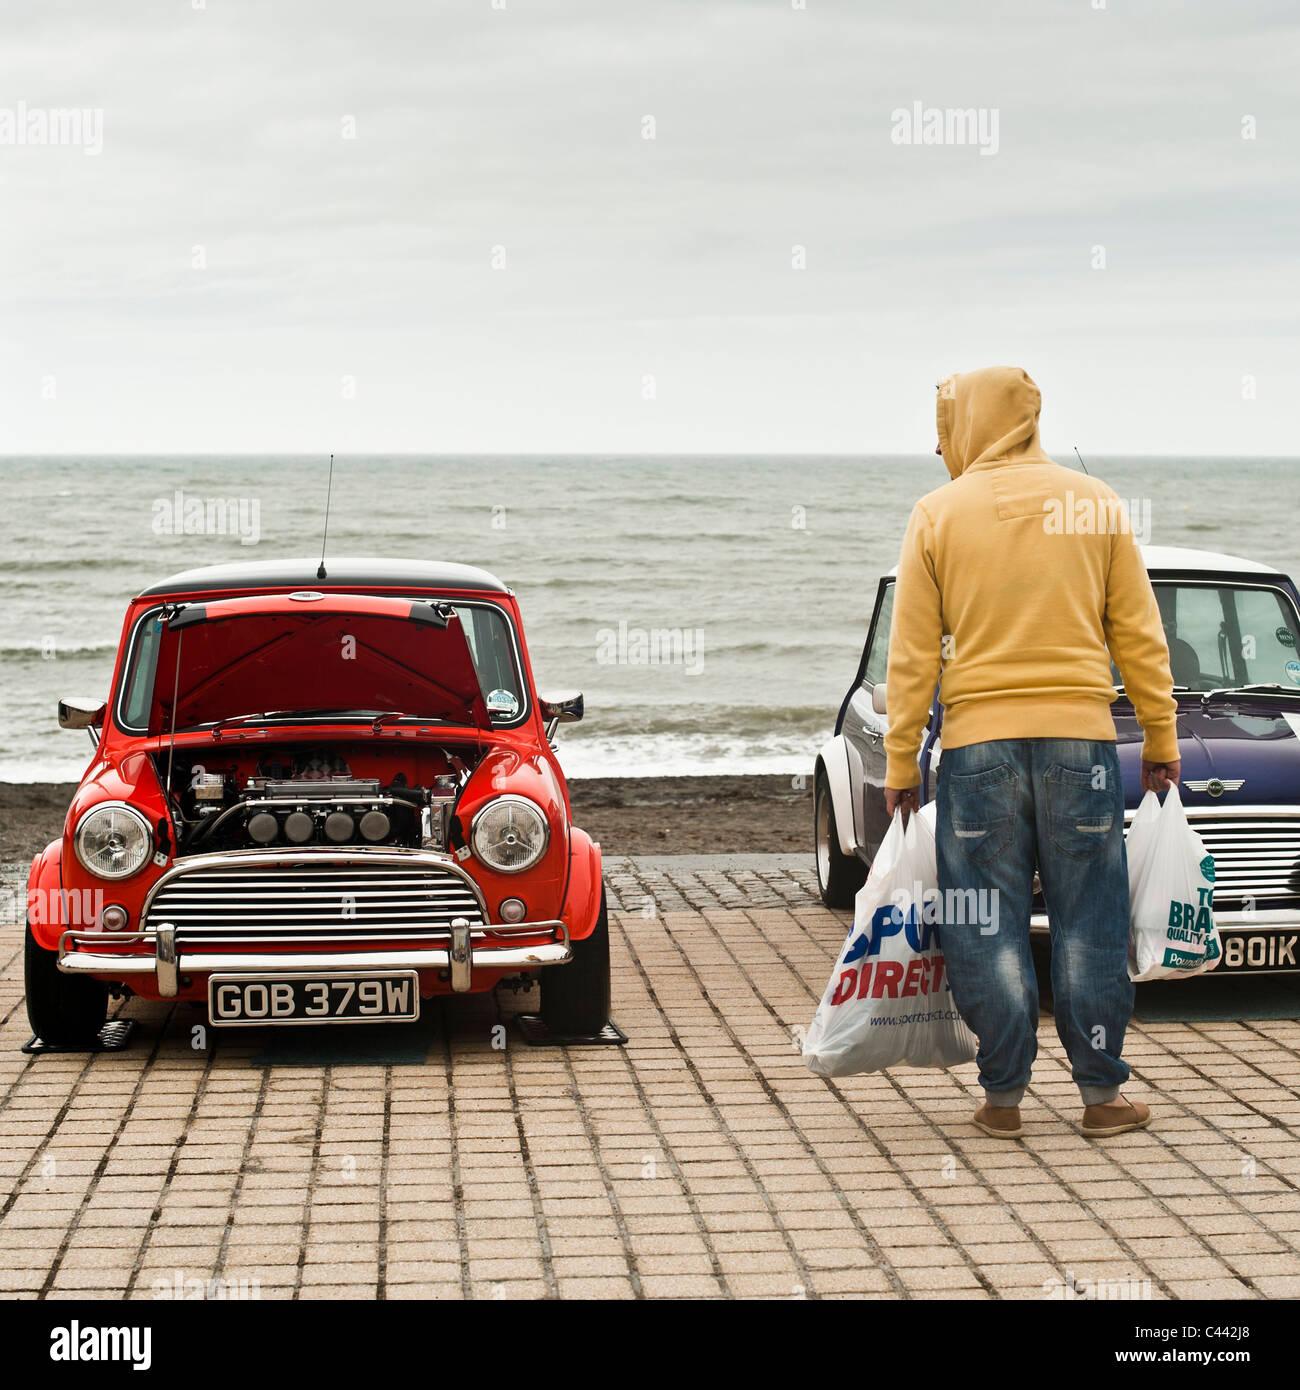 Pentecostés Bank Holiday Weekend - Mini coche del propietario en el paseo marítimo de rally de Gales Aberystwyth Imagen De Stock